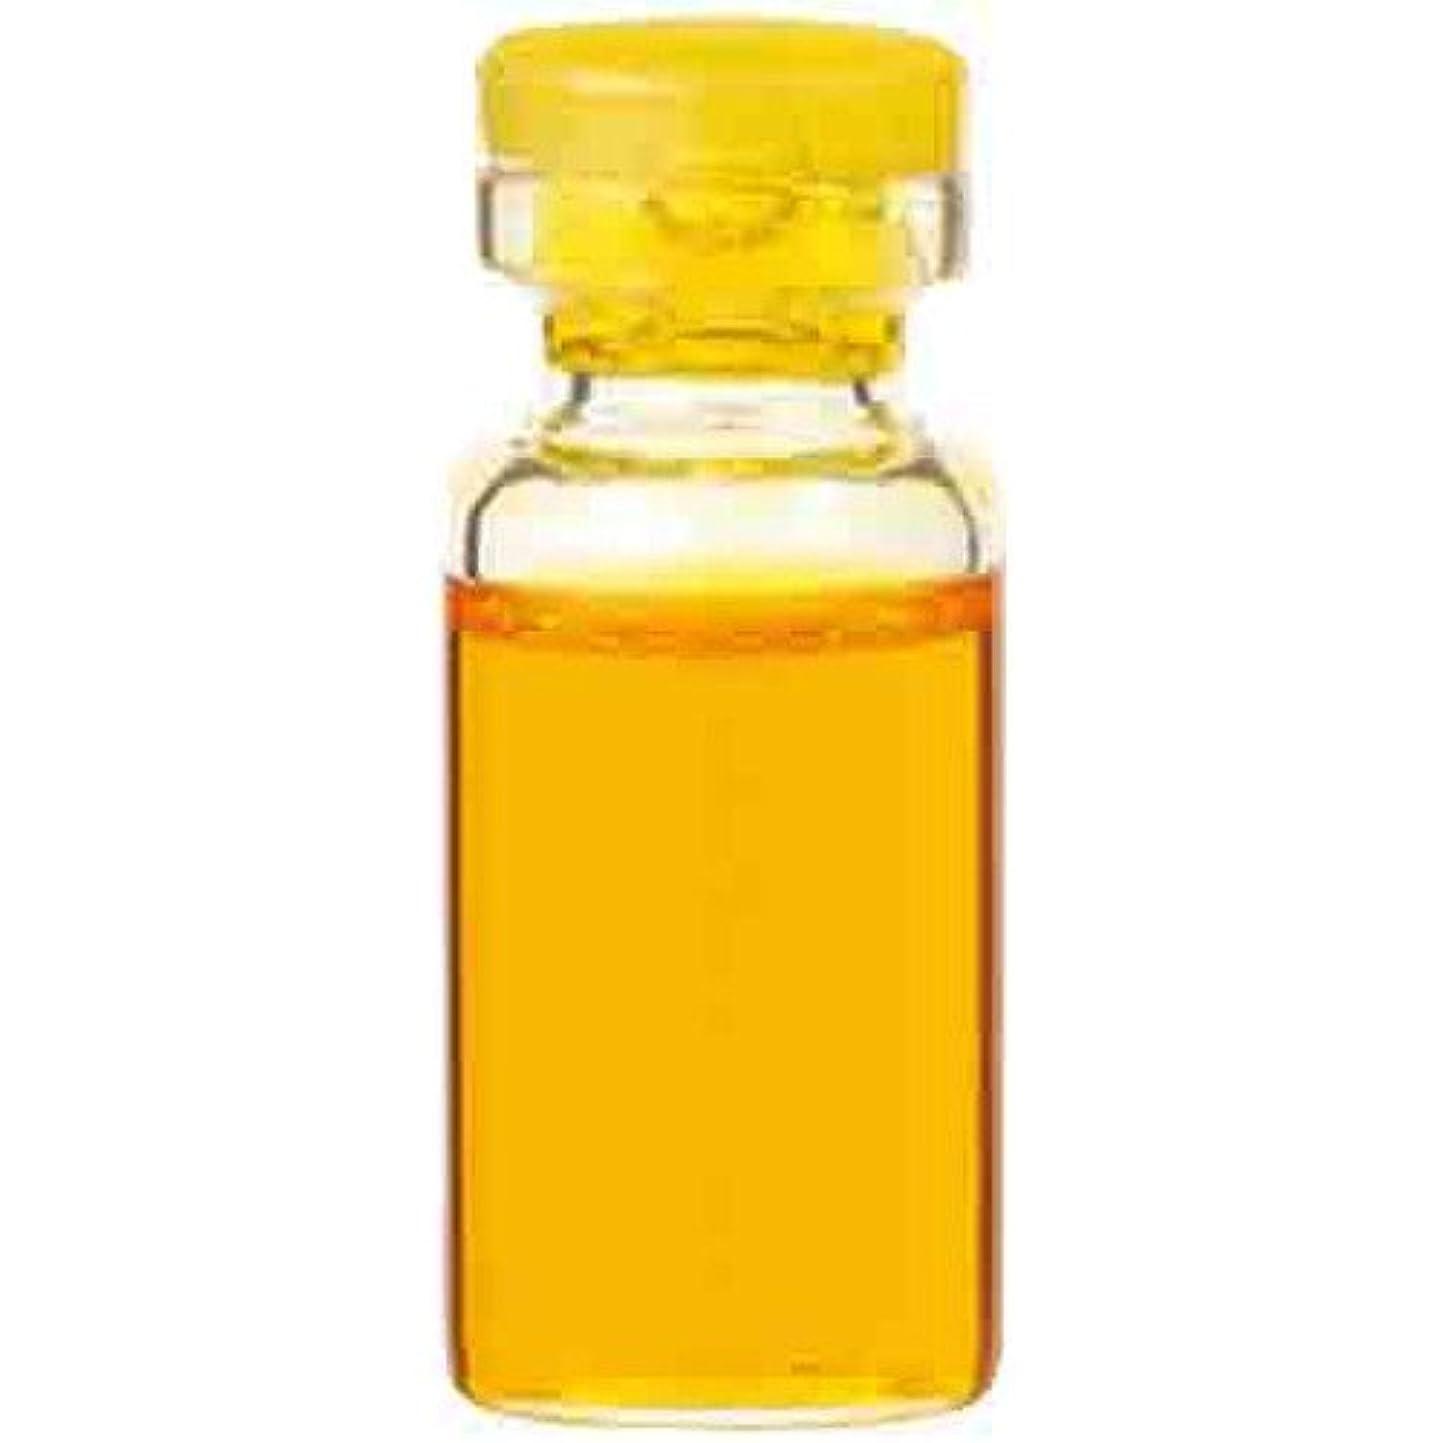 傷つけるトークンボア生活の木 Herbal Life Organic オレンジスイート 10ml